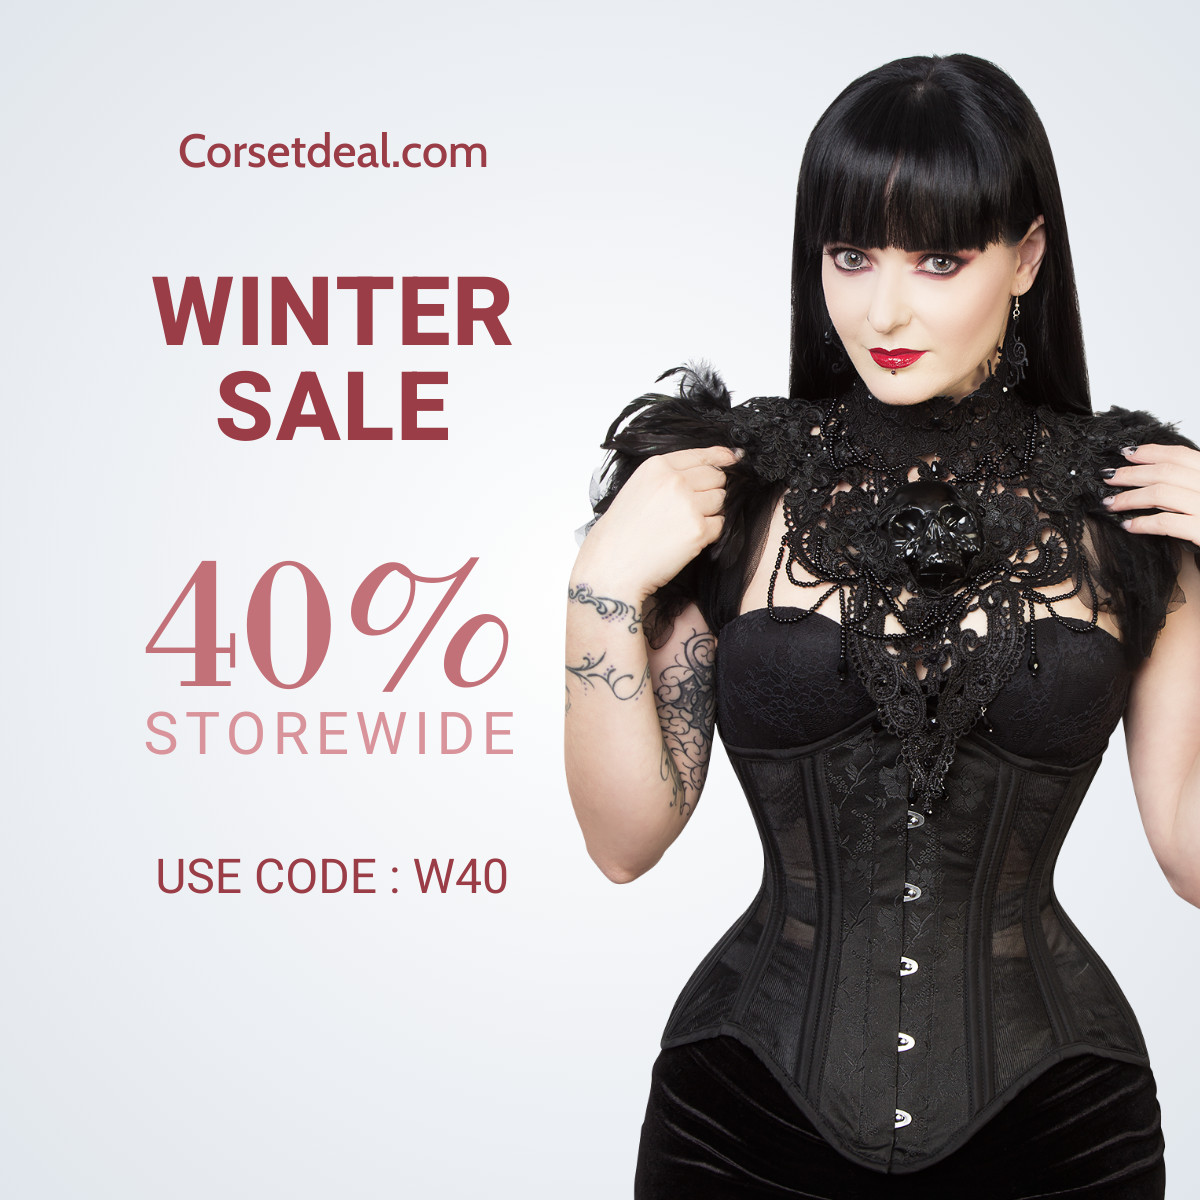 Winter Sale 40% Storewide Use Code W40